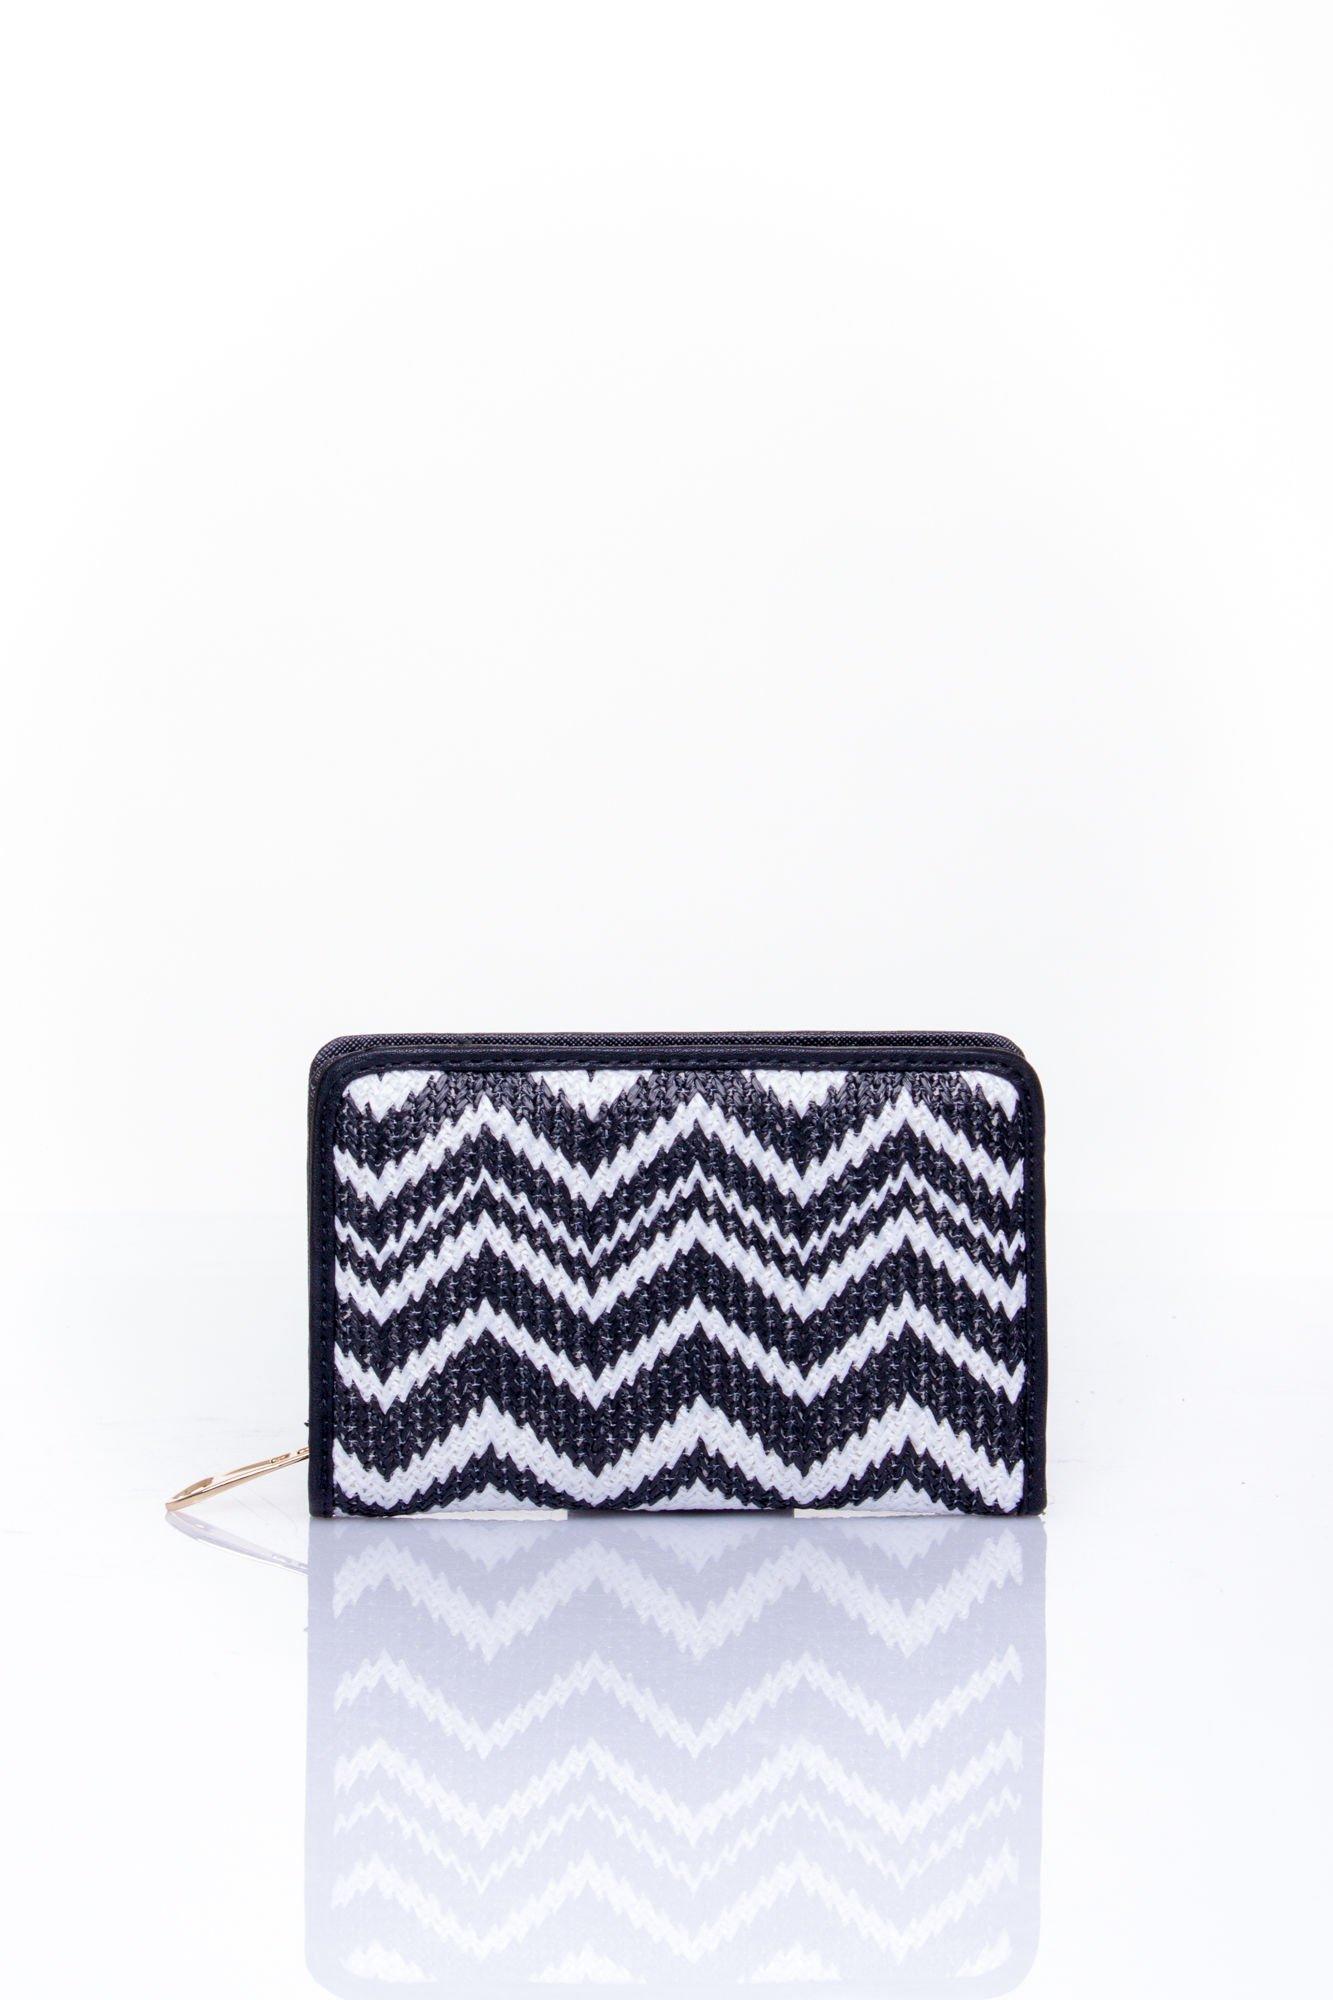 Czarny portfel z motywem geometrycznej plecionki                                  zdj.                                  1